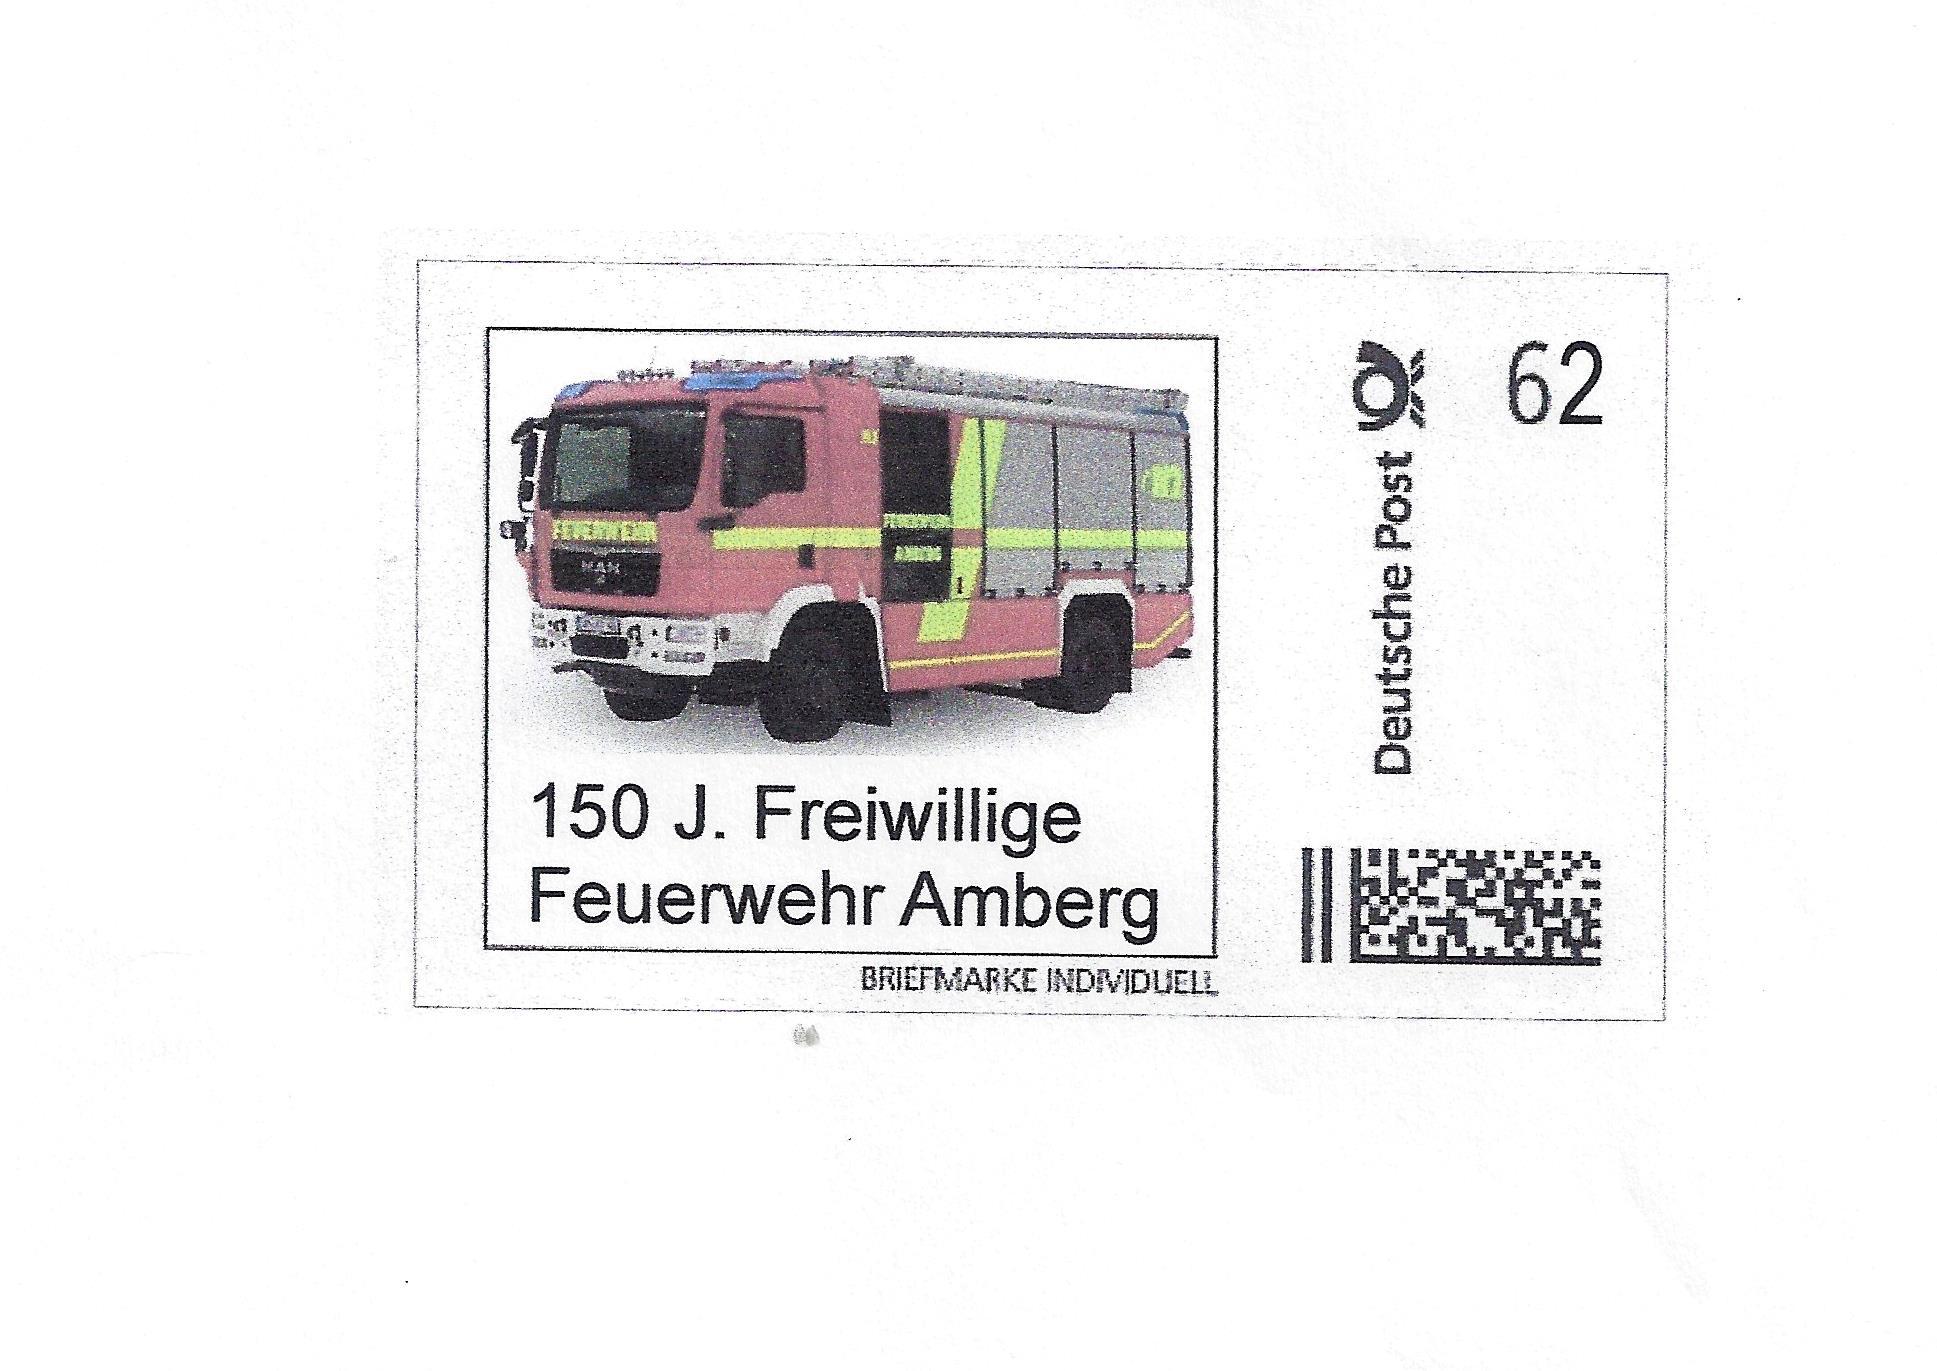 Briefmar040